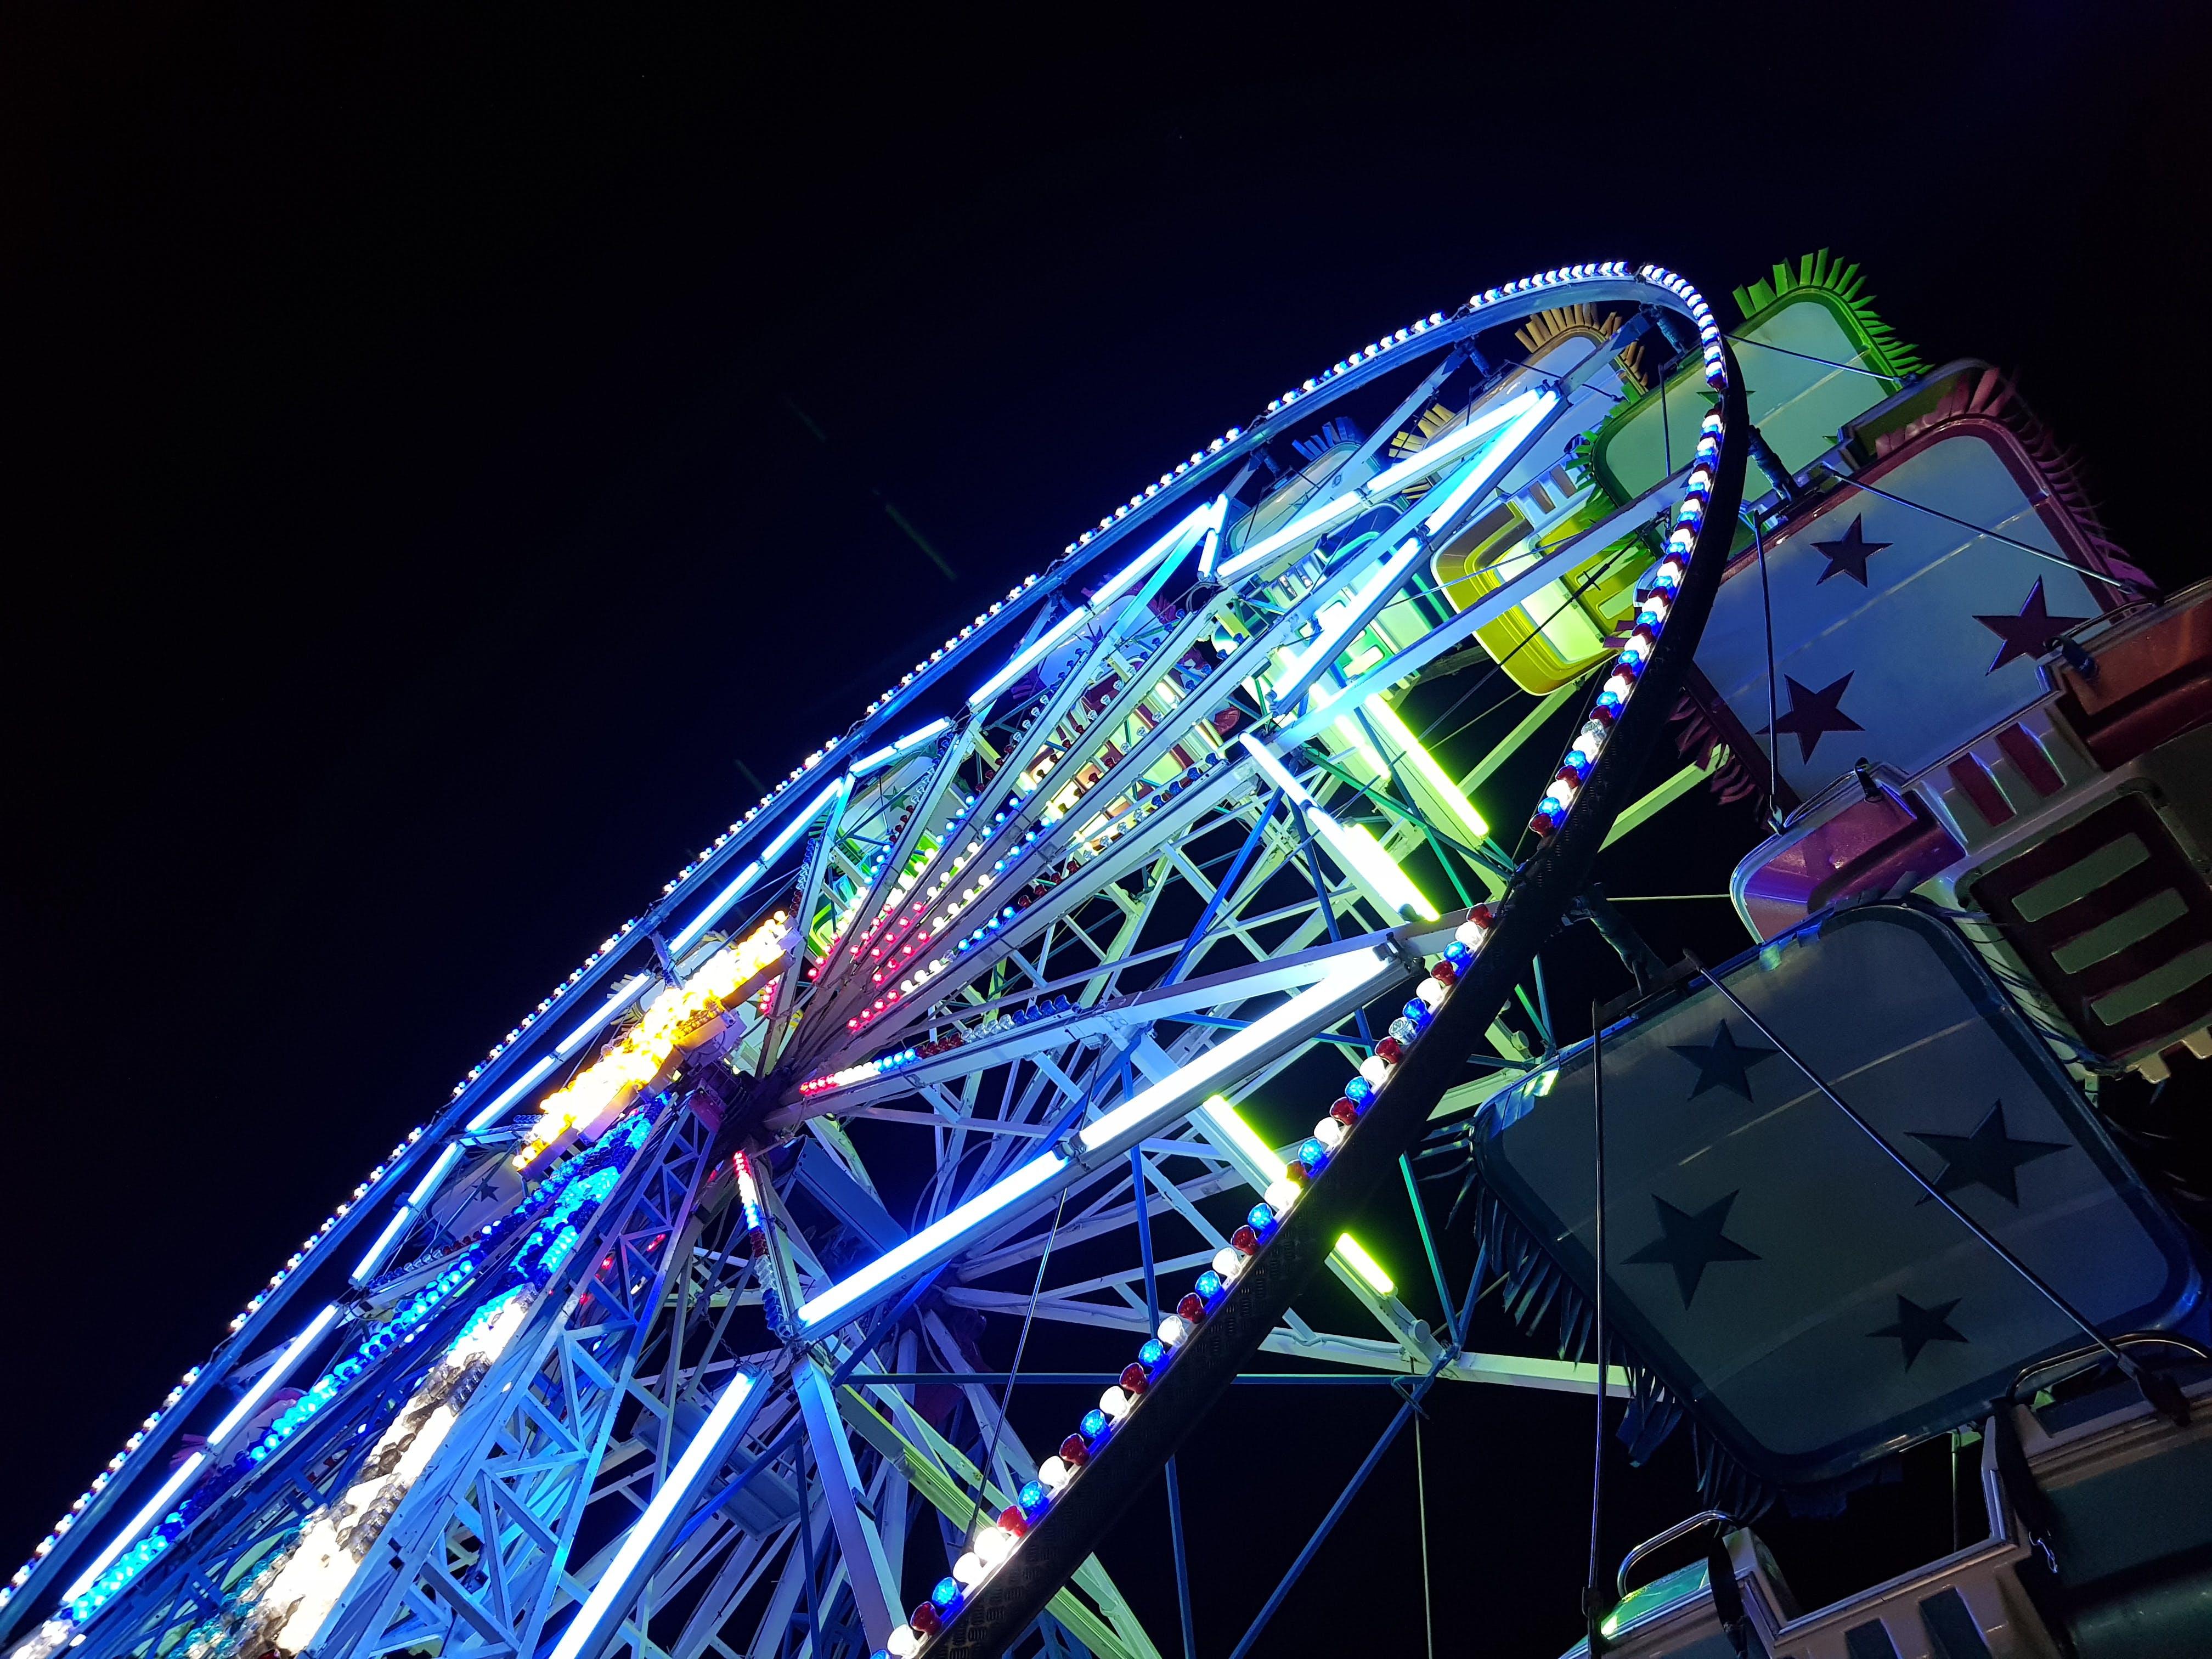 Fotos de stock gratuitas de alto, atracciones, buen tiempo, carnaval